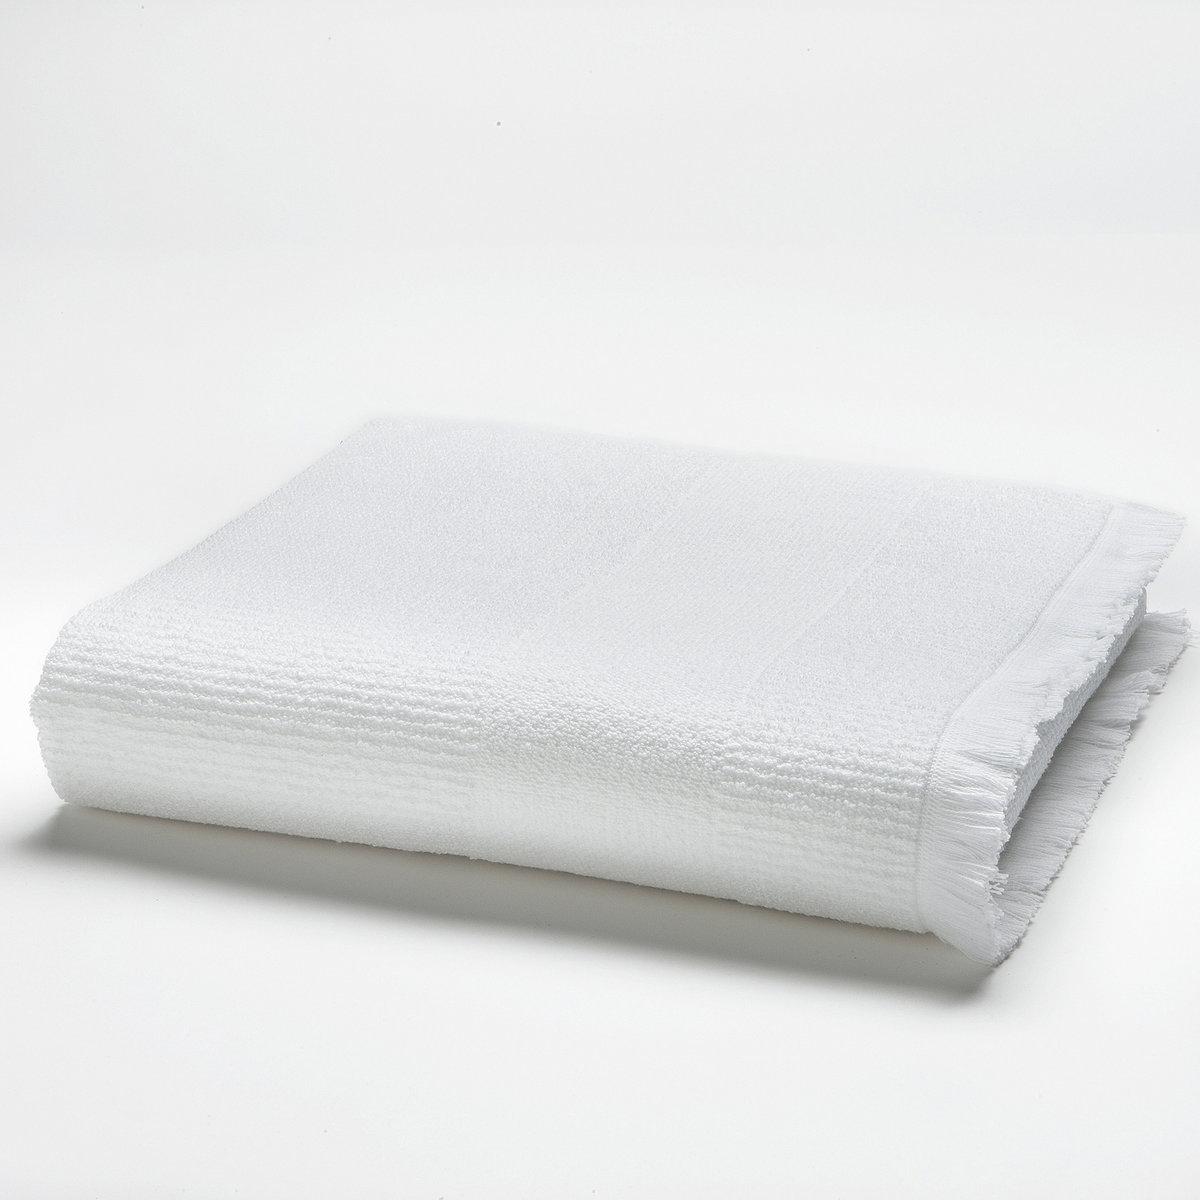 Полотенце банное большое, 500 г/м?Характеристики большого банного полотенца, 500 г/м? :100% хлопка (500 г/м?), отделка байхромой. Материал долго сохраняет мягкость и прочность. Превосходная стойкость цвета при стирке 60°.Машинная сушка.Размеры большого махрового полотенца, 500 г/м? :100 x 150 см.<br><br>Цвет: антрацит,белый